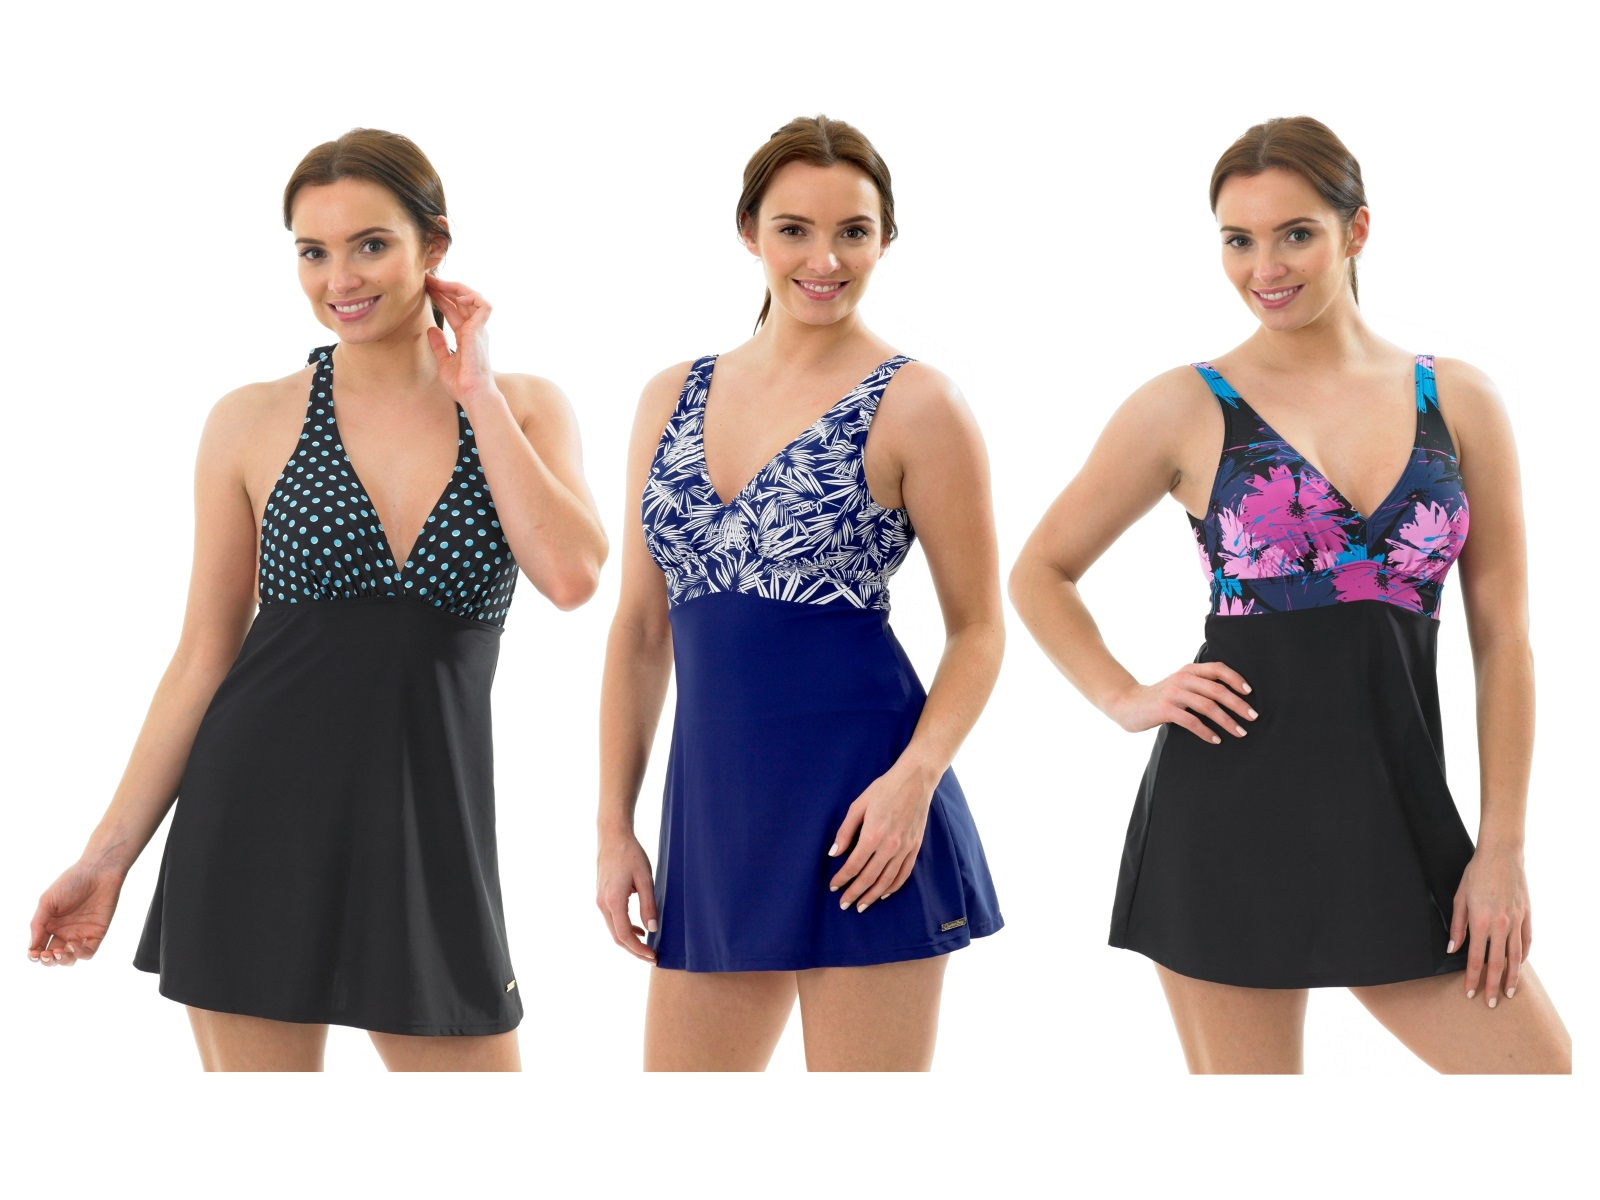 womens swimdress swimming costume skirt cover up tummy